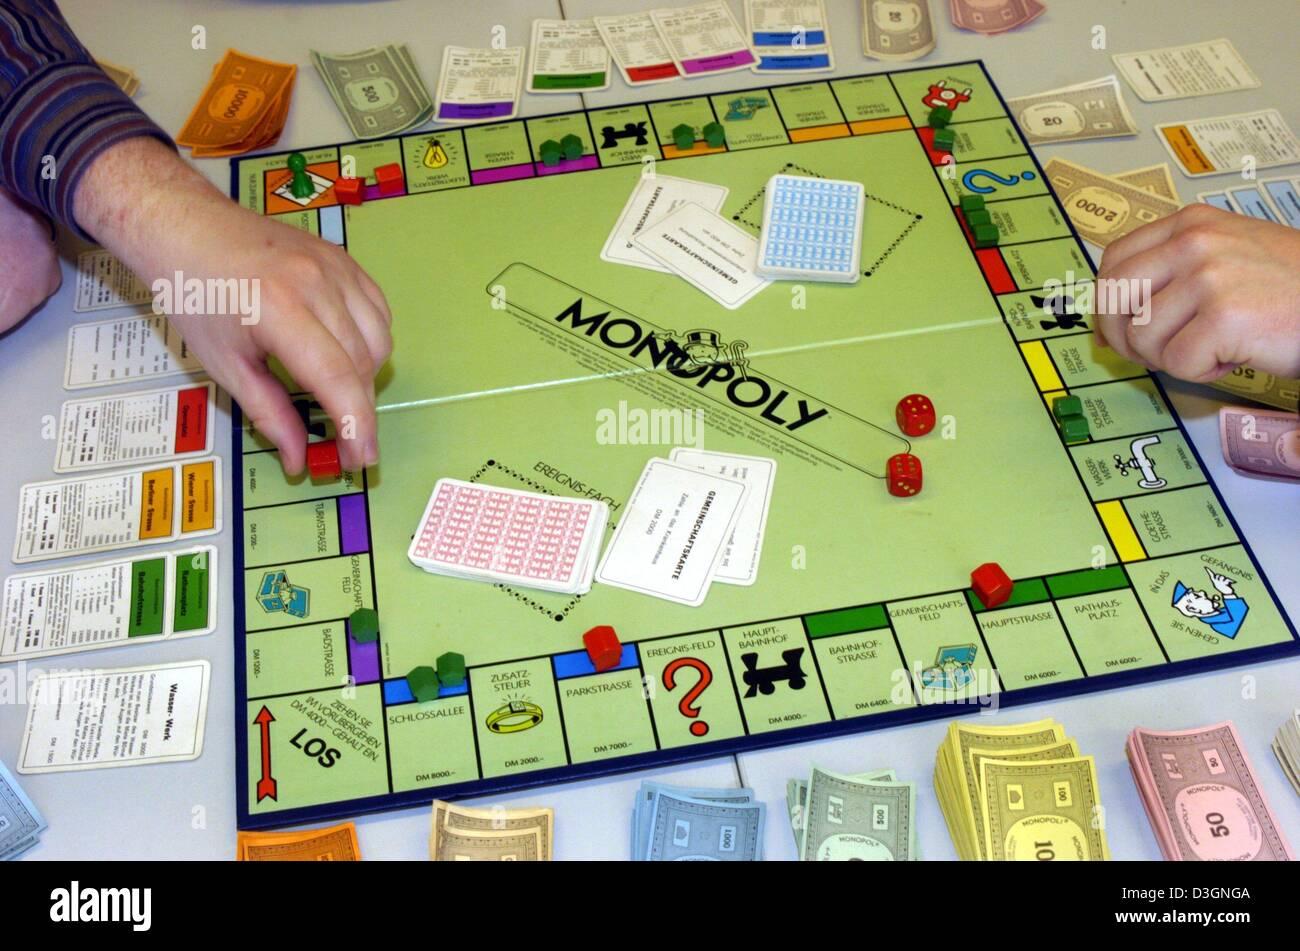 Dpa La Gente Juega El Famoso Juego De Mesa Monopolio En